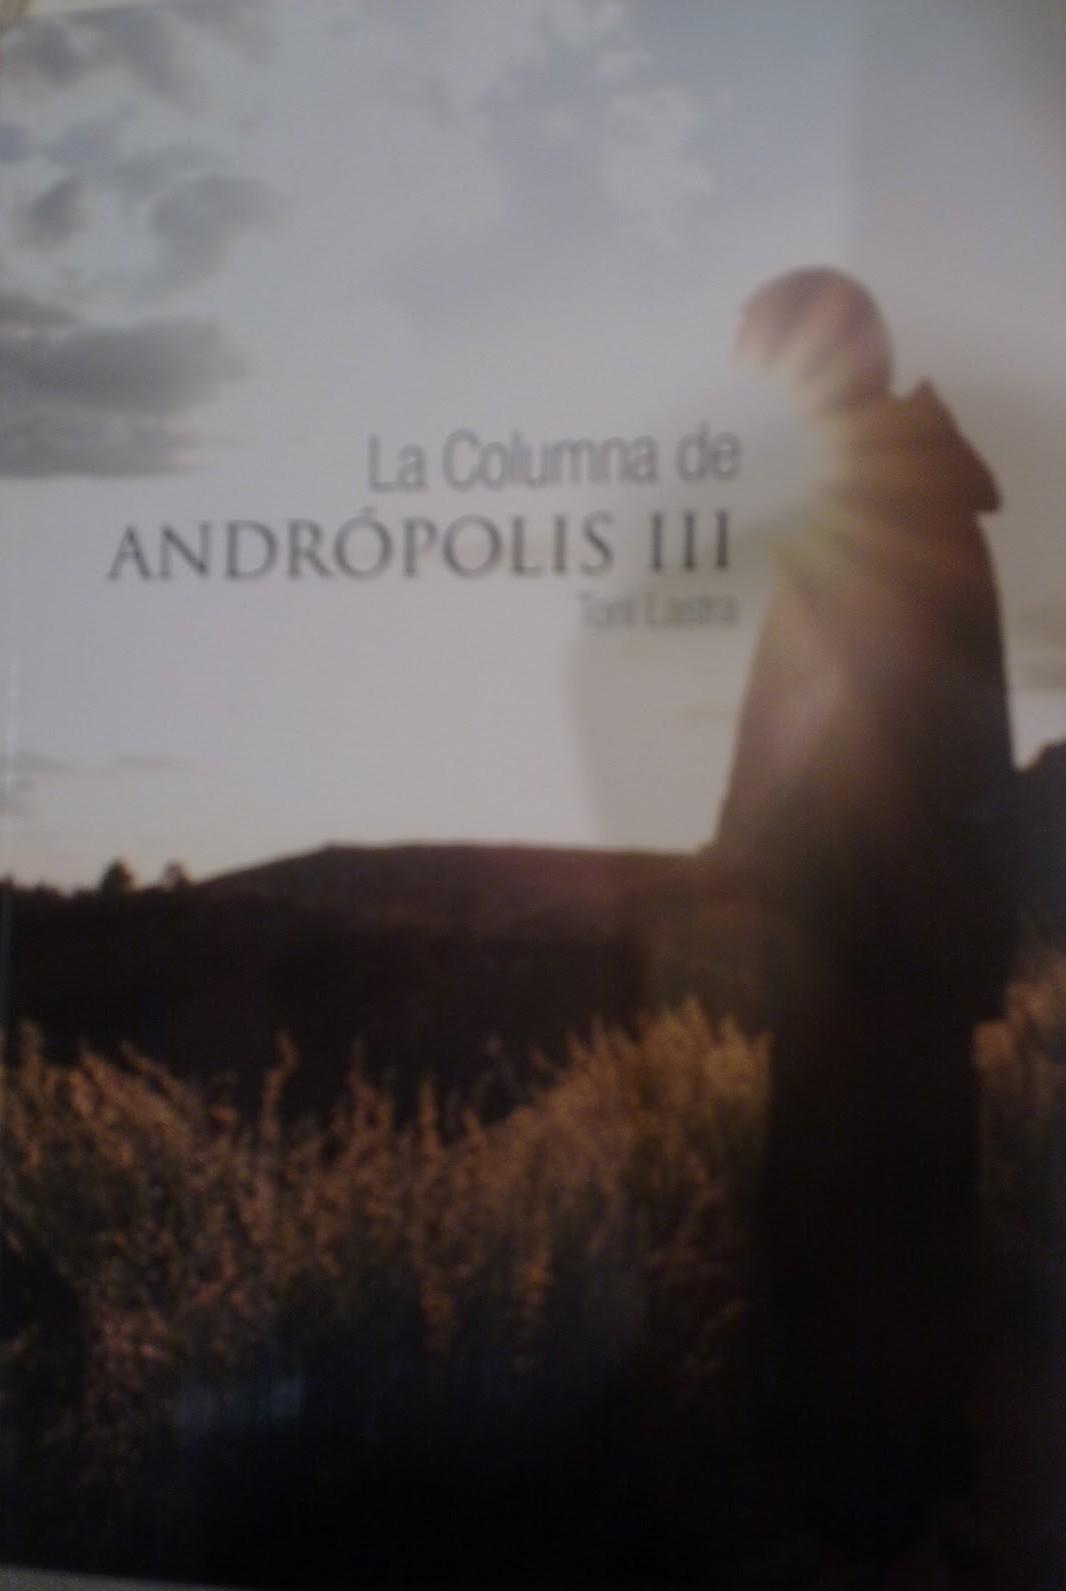 La columna de Andrópolis III